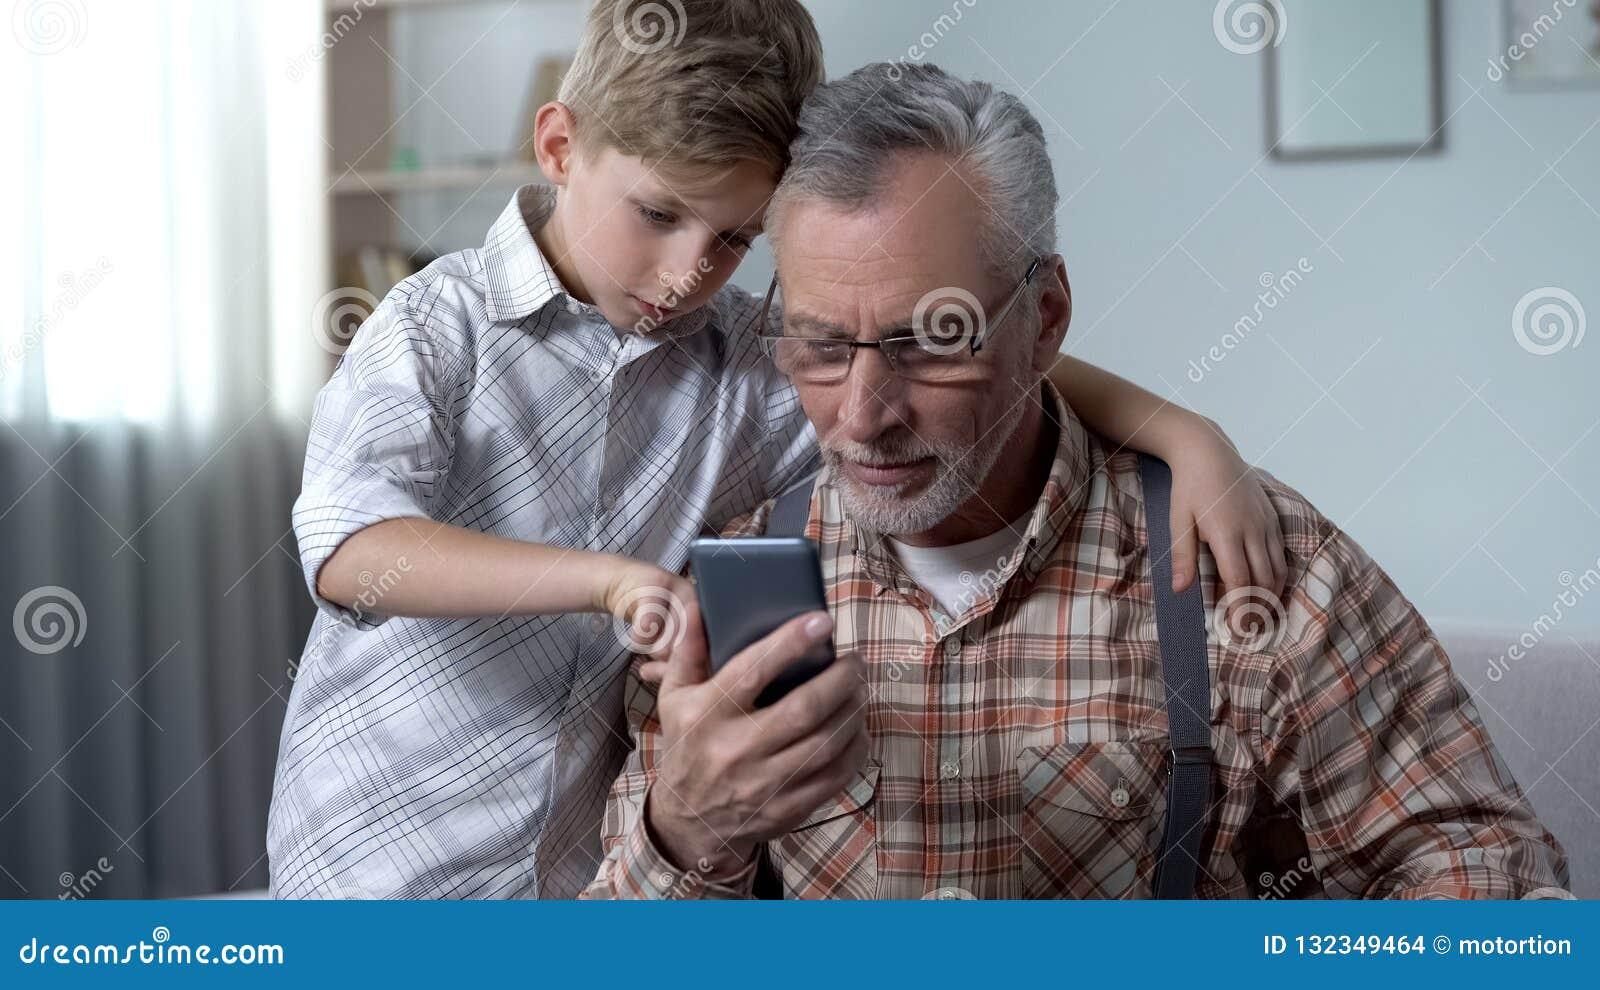 Kleinzoon die opa verklaren hoe te om smartphone, gemakkelijke toepassing voor bejaarden te gebruiken